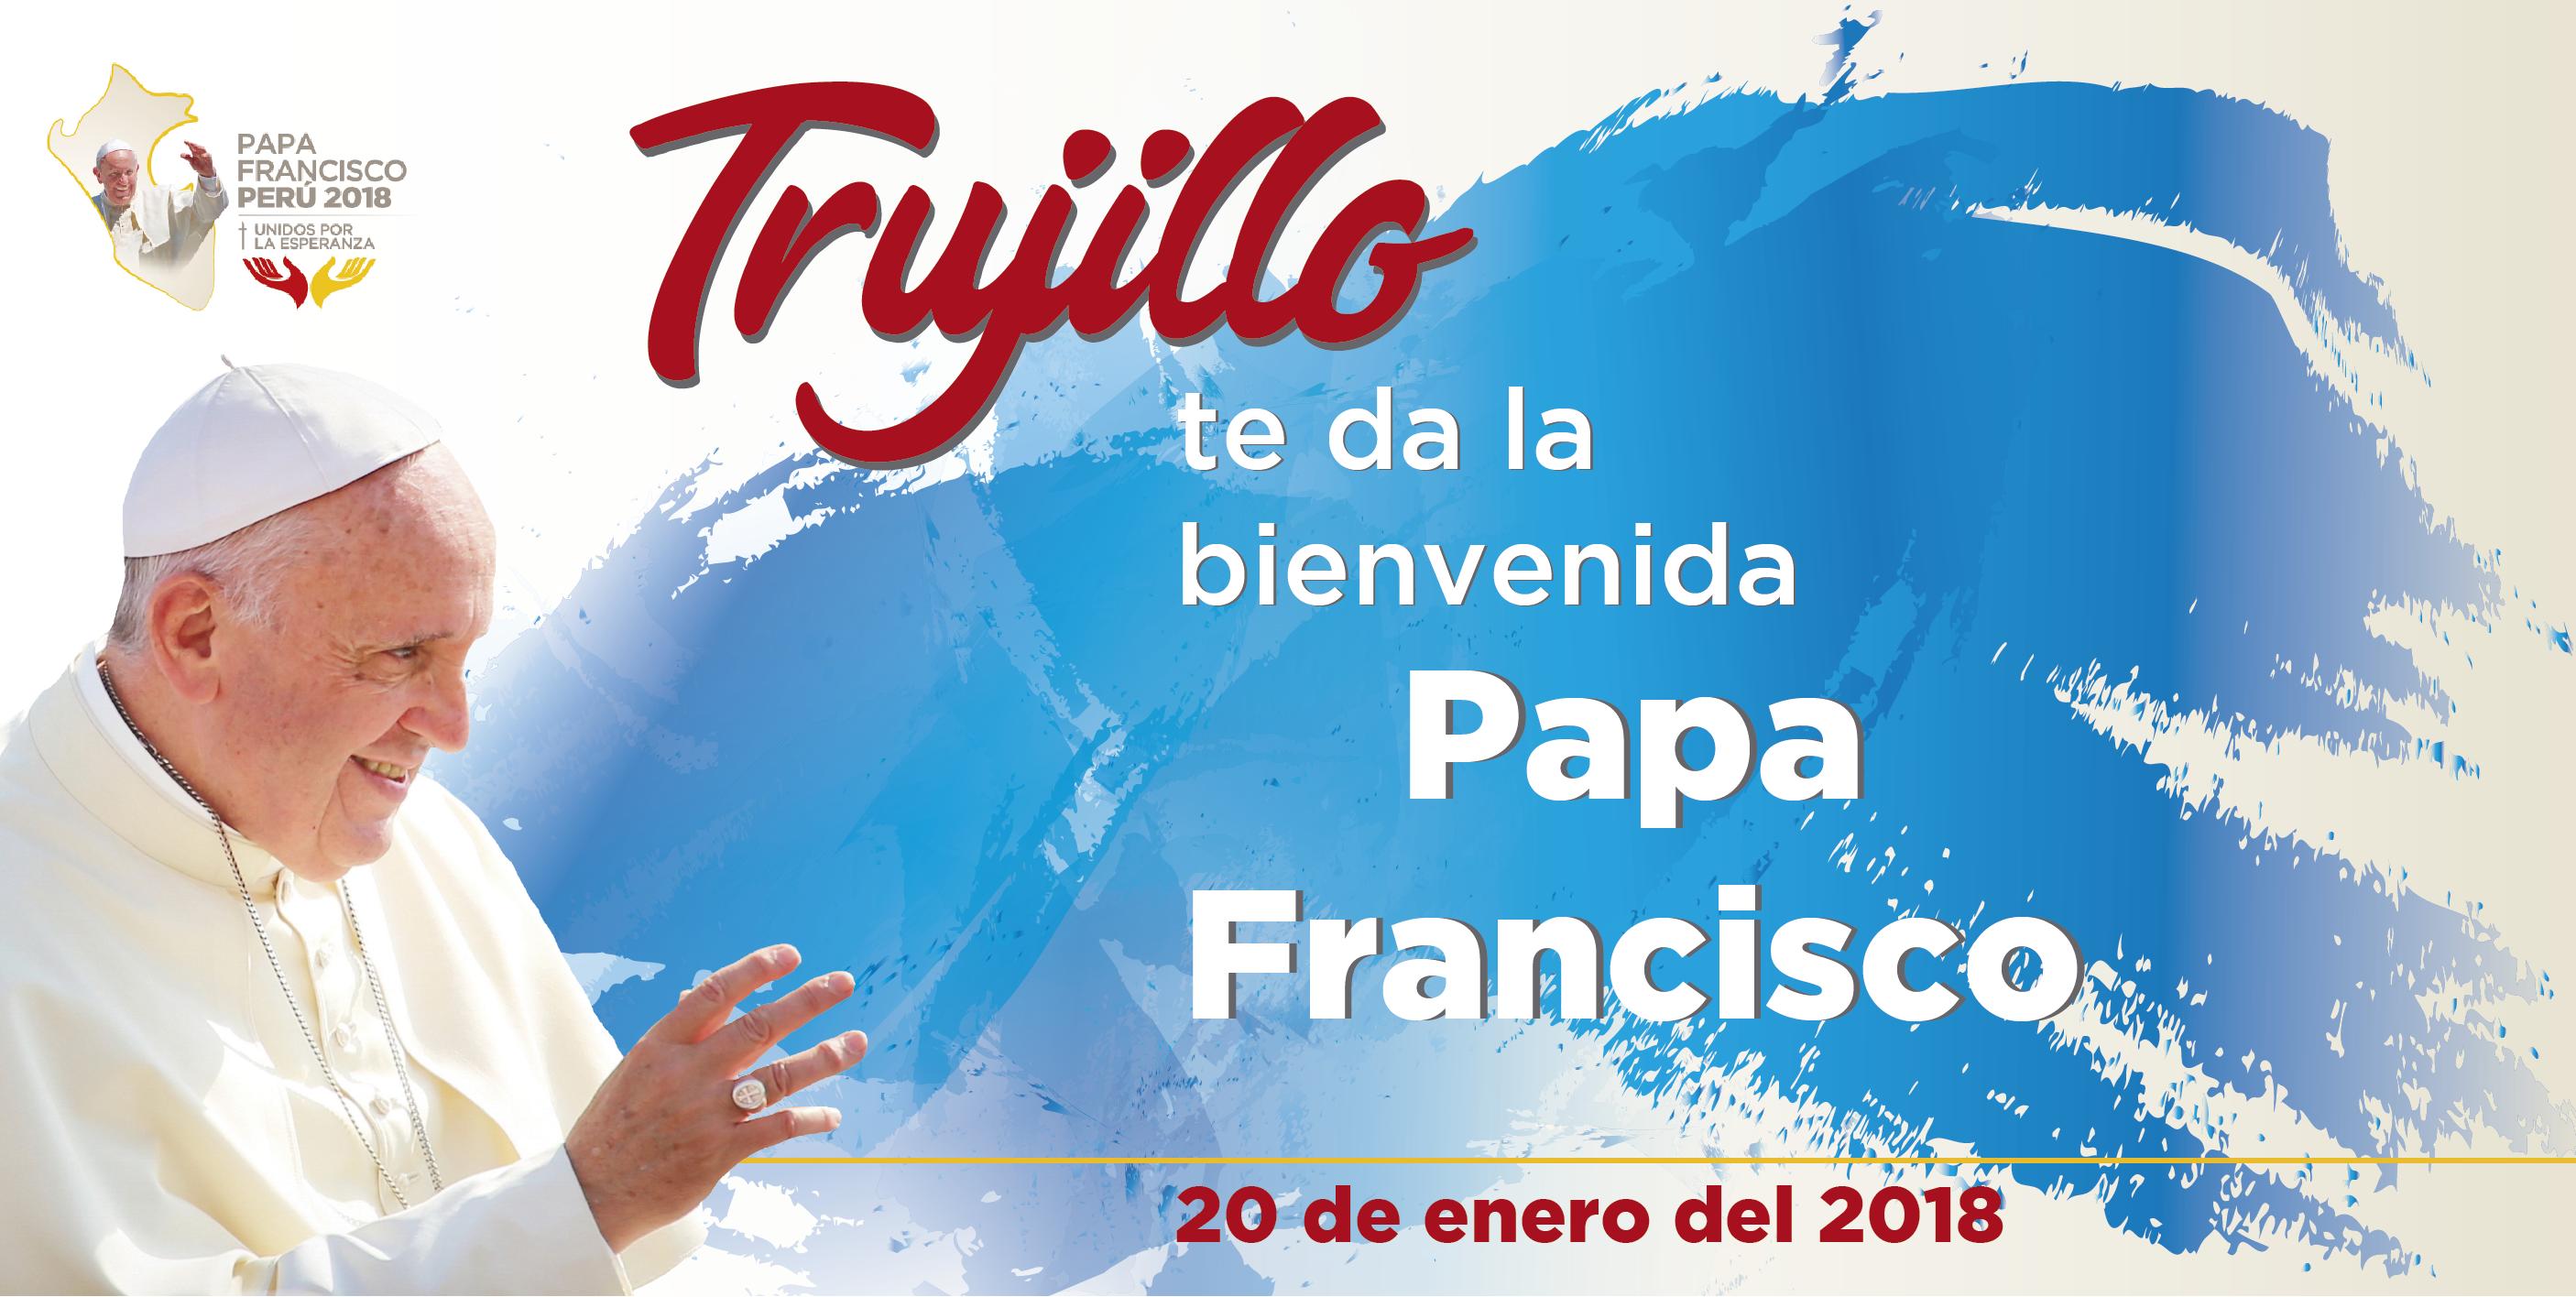 Visita Papal: 40 sumaron las imágenes religiosas que estarán con el Papa Francisco